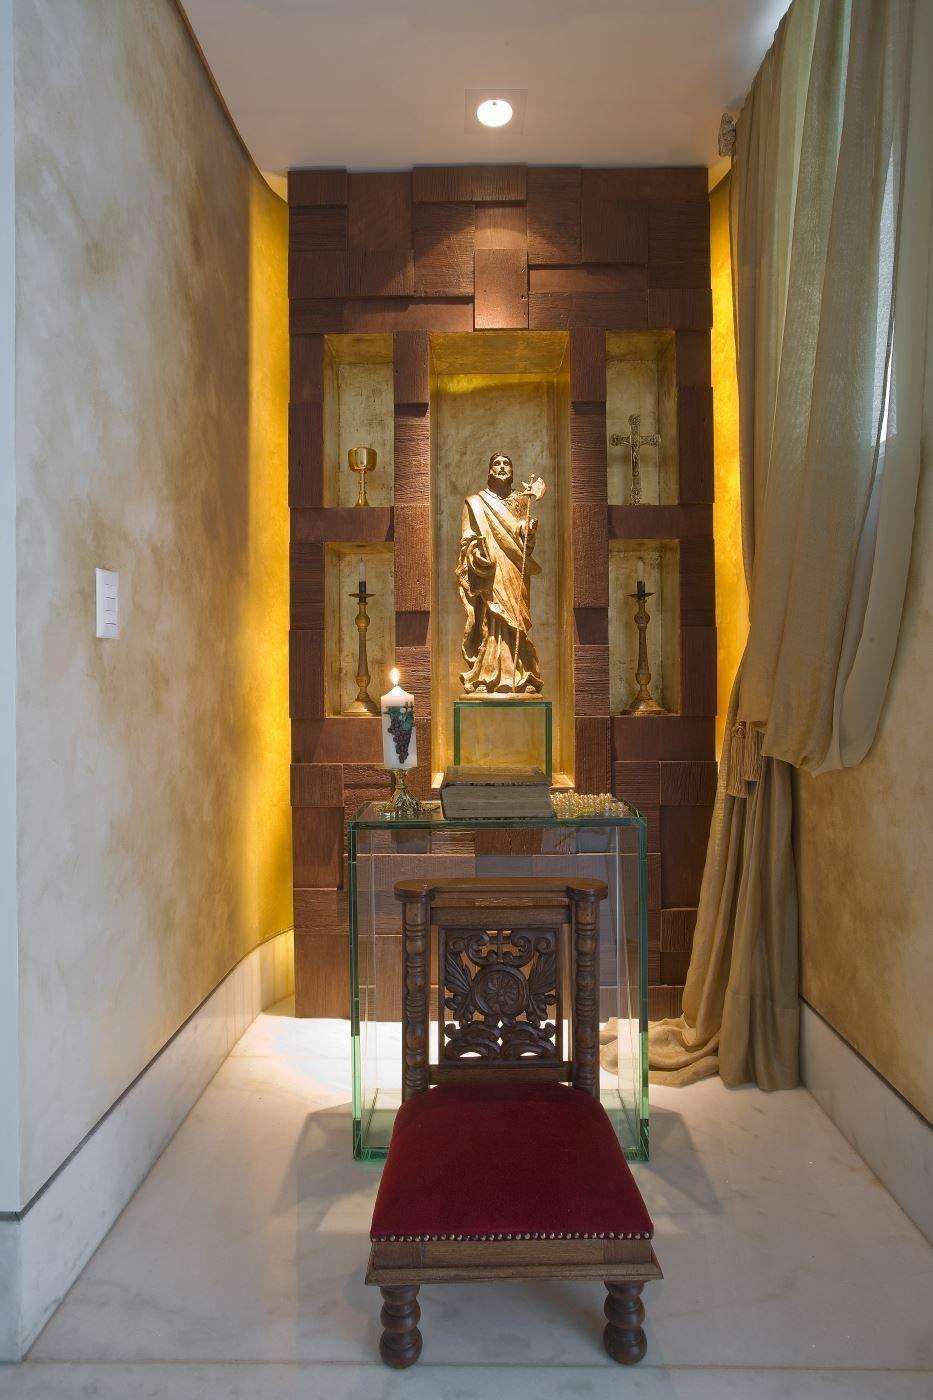 orat rios e arte sacra na decora o veja ideias para montar um cantinho de medita o na sua. Black Bedroom Furniture Sets. Home Design Ideas